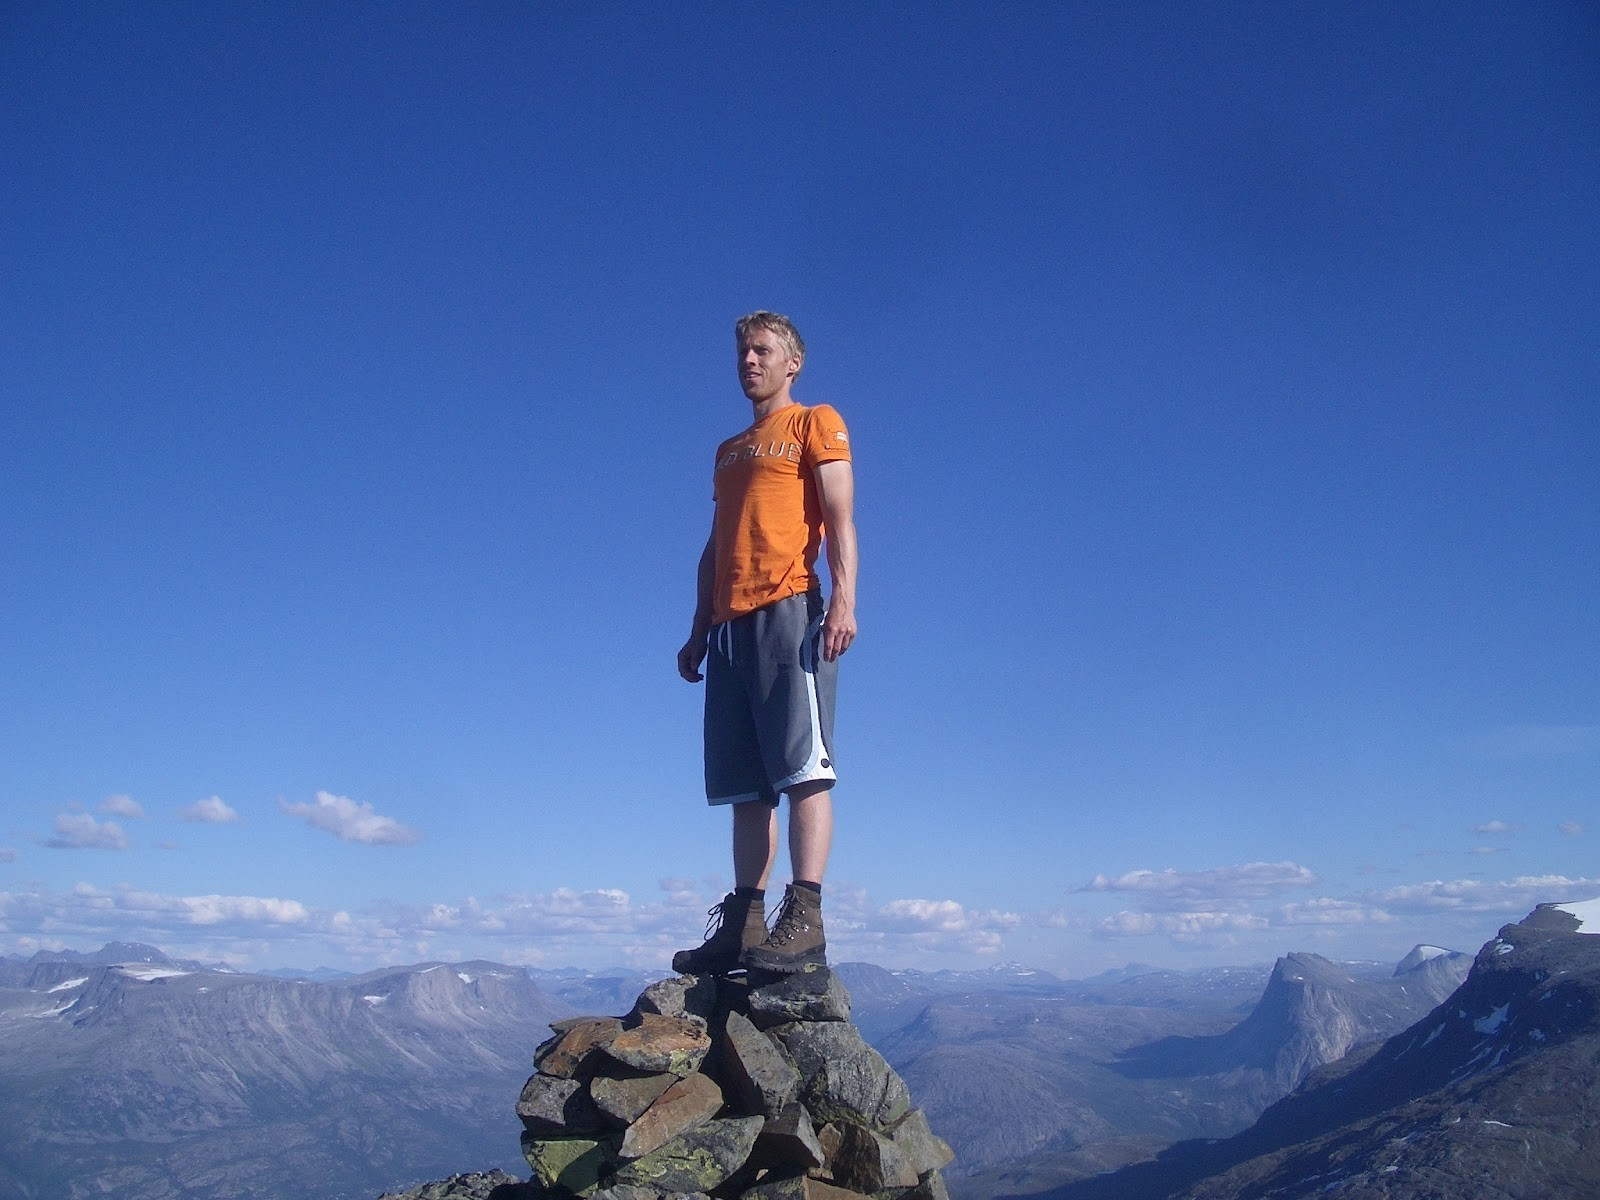 Gunnar Garfors na Noruega (Foto: Divulgação)